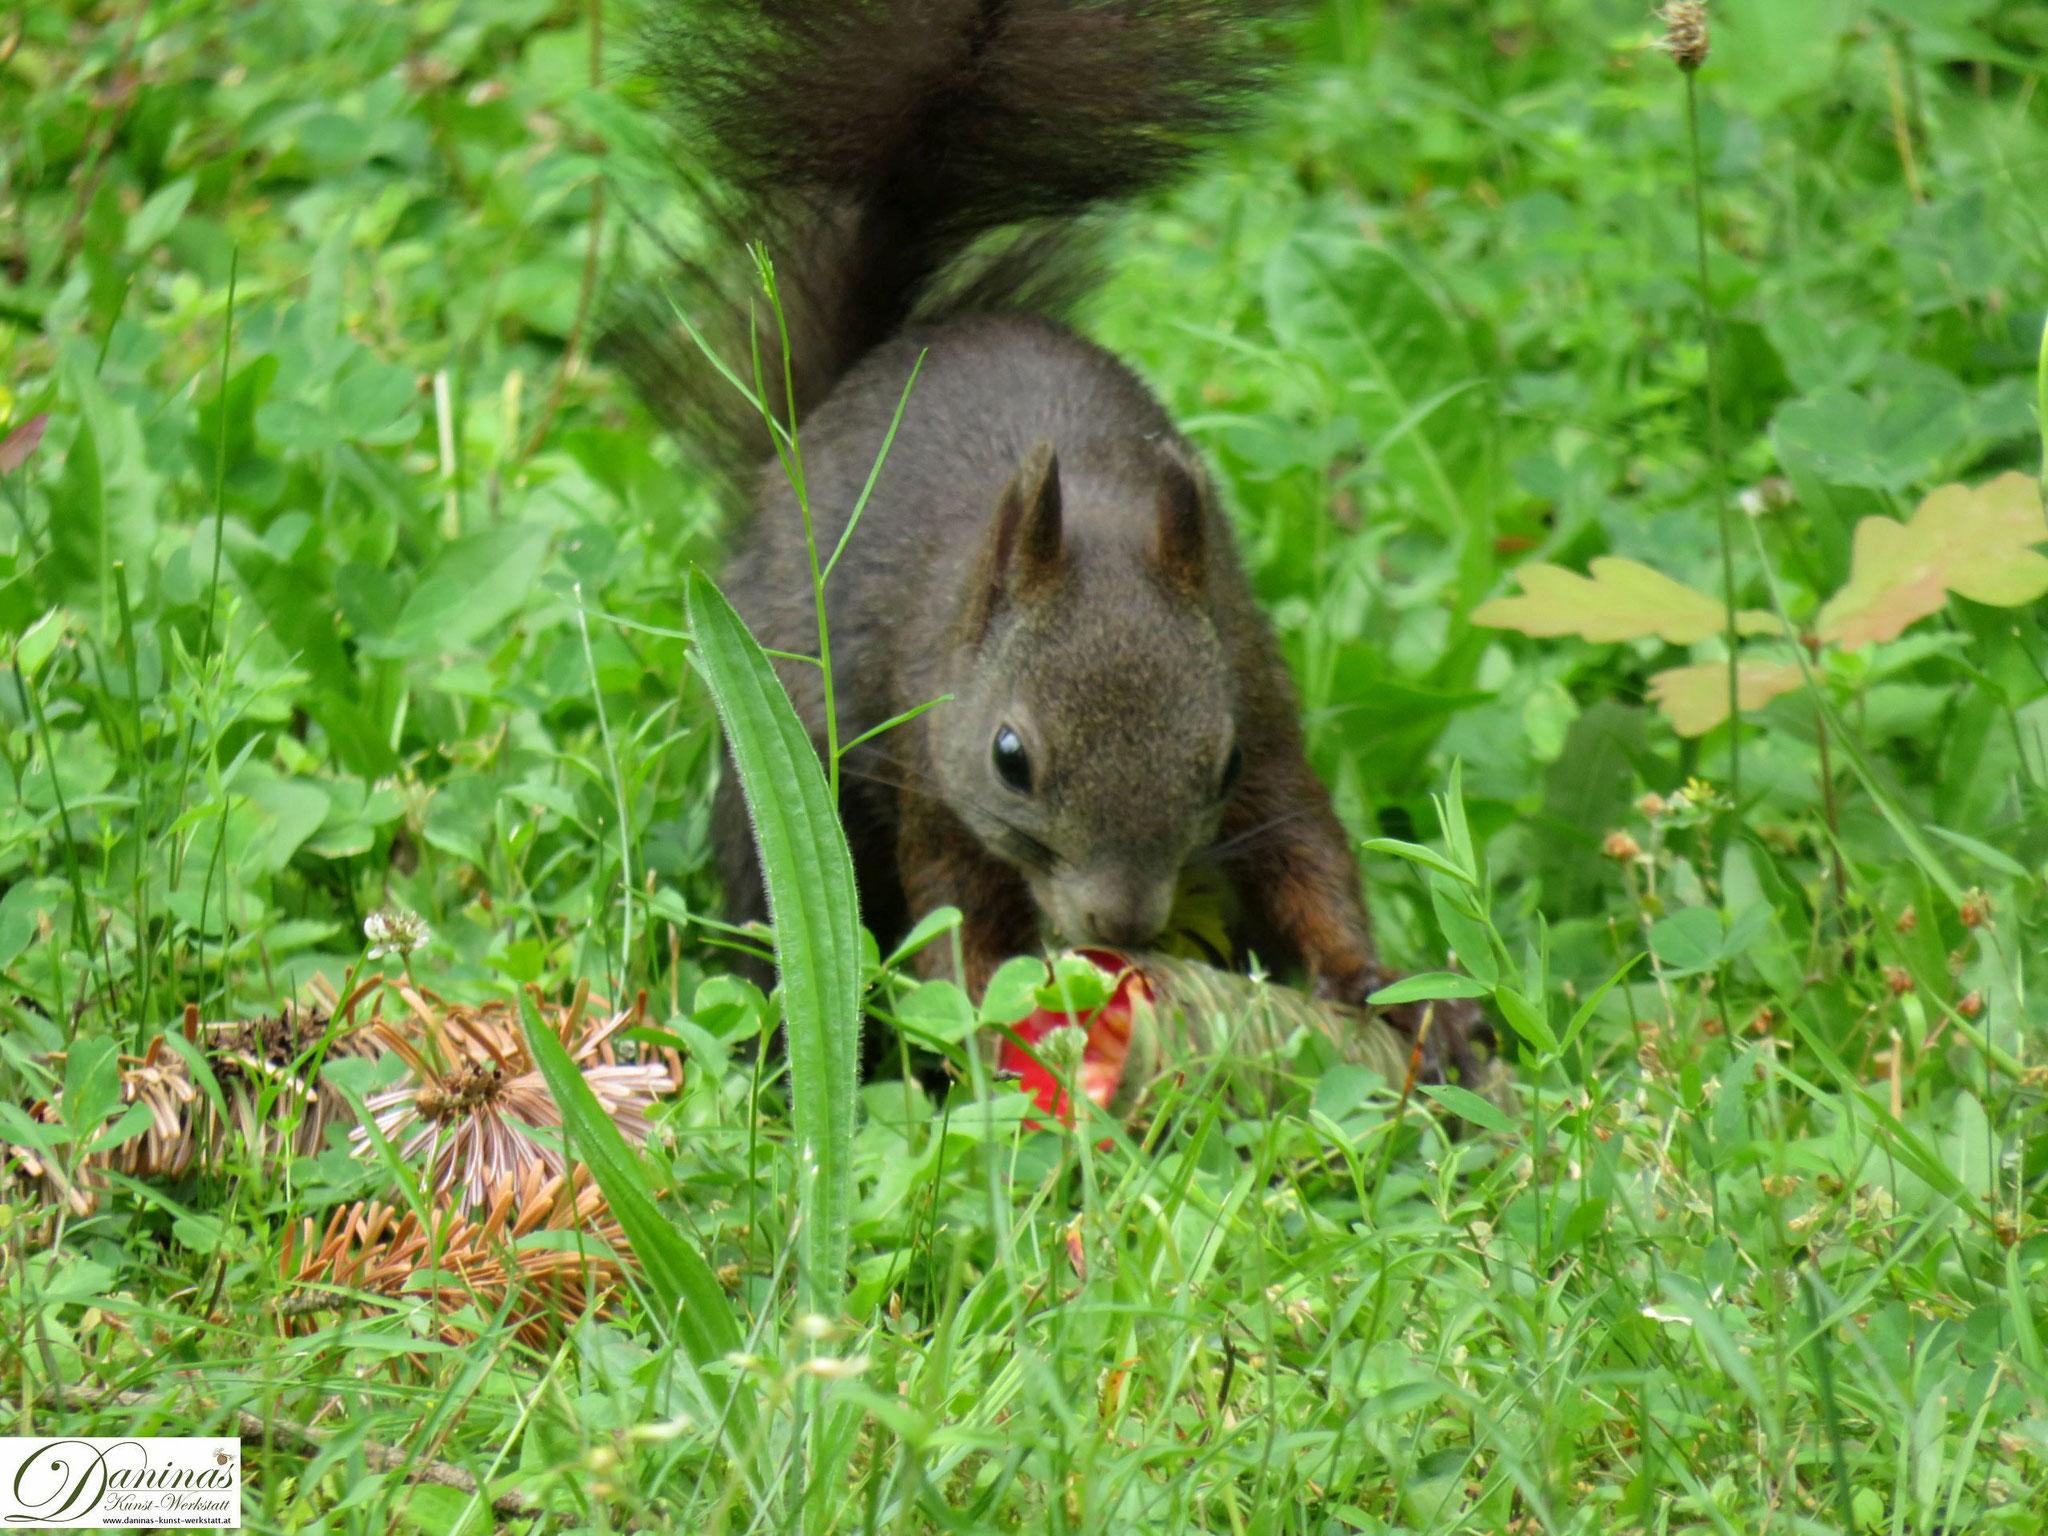 Eichhörnchen auf Nahrungssuche. Entzückende Eichhörnchen Bilder by Daninas-Kunst-Werkstatt.at